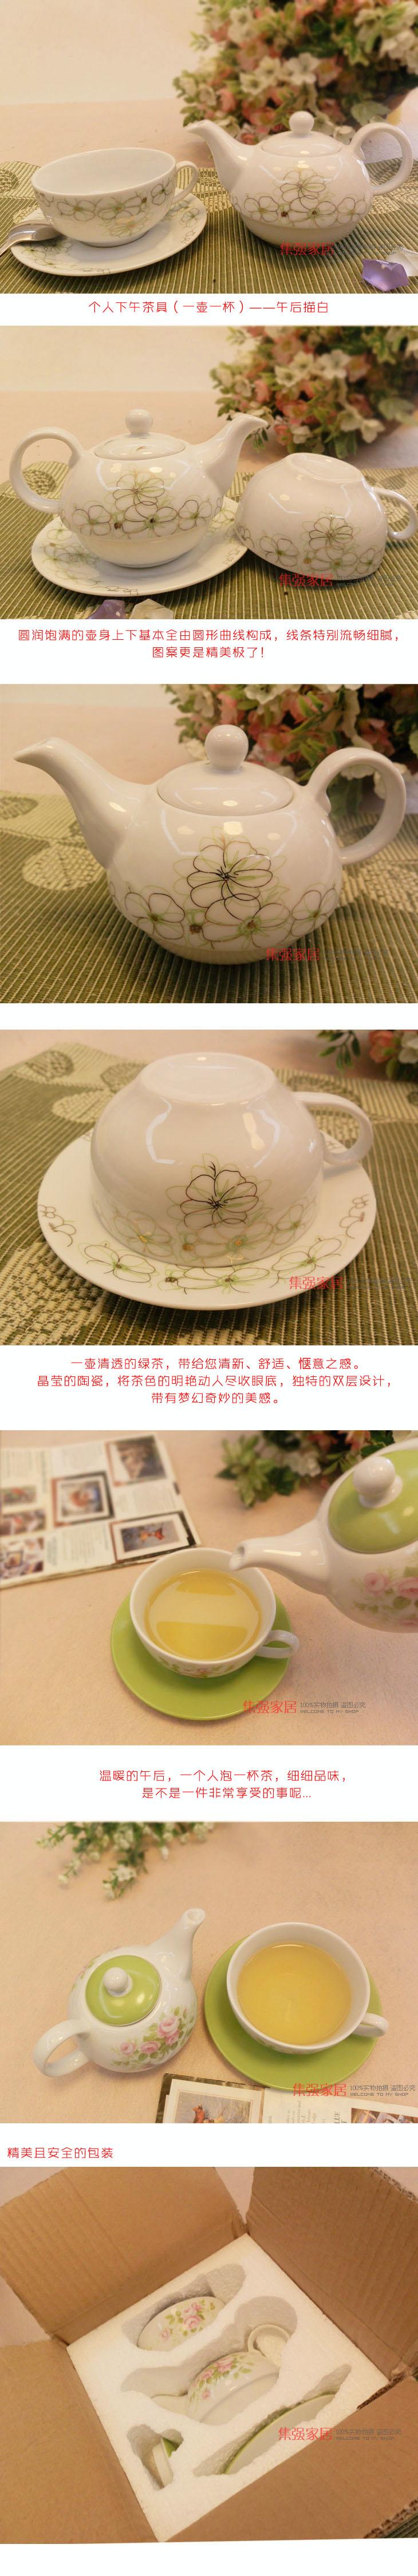 """[分享]非常漂亮""""欧式茶花壶"""" 陶瓷套装!"""